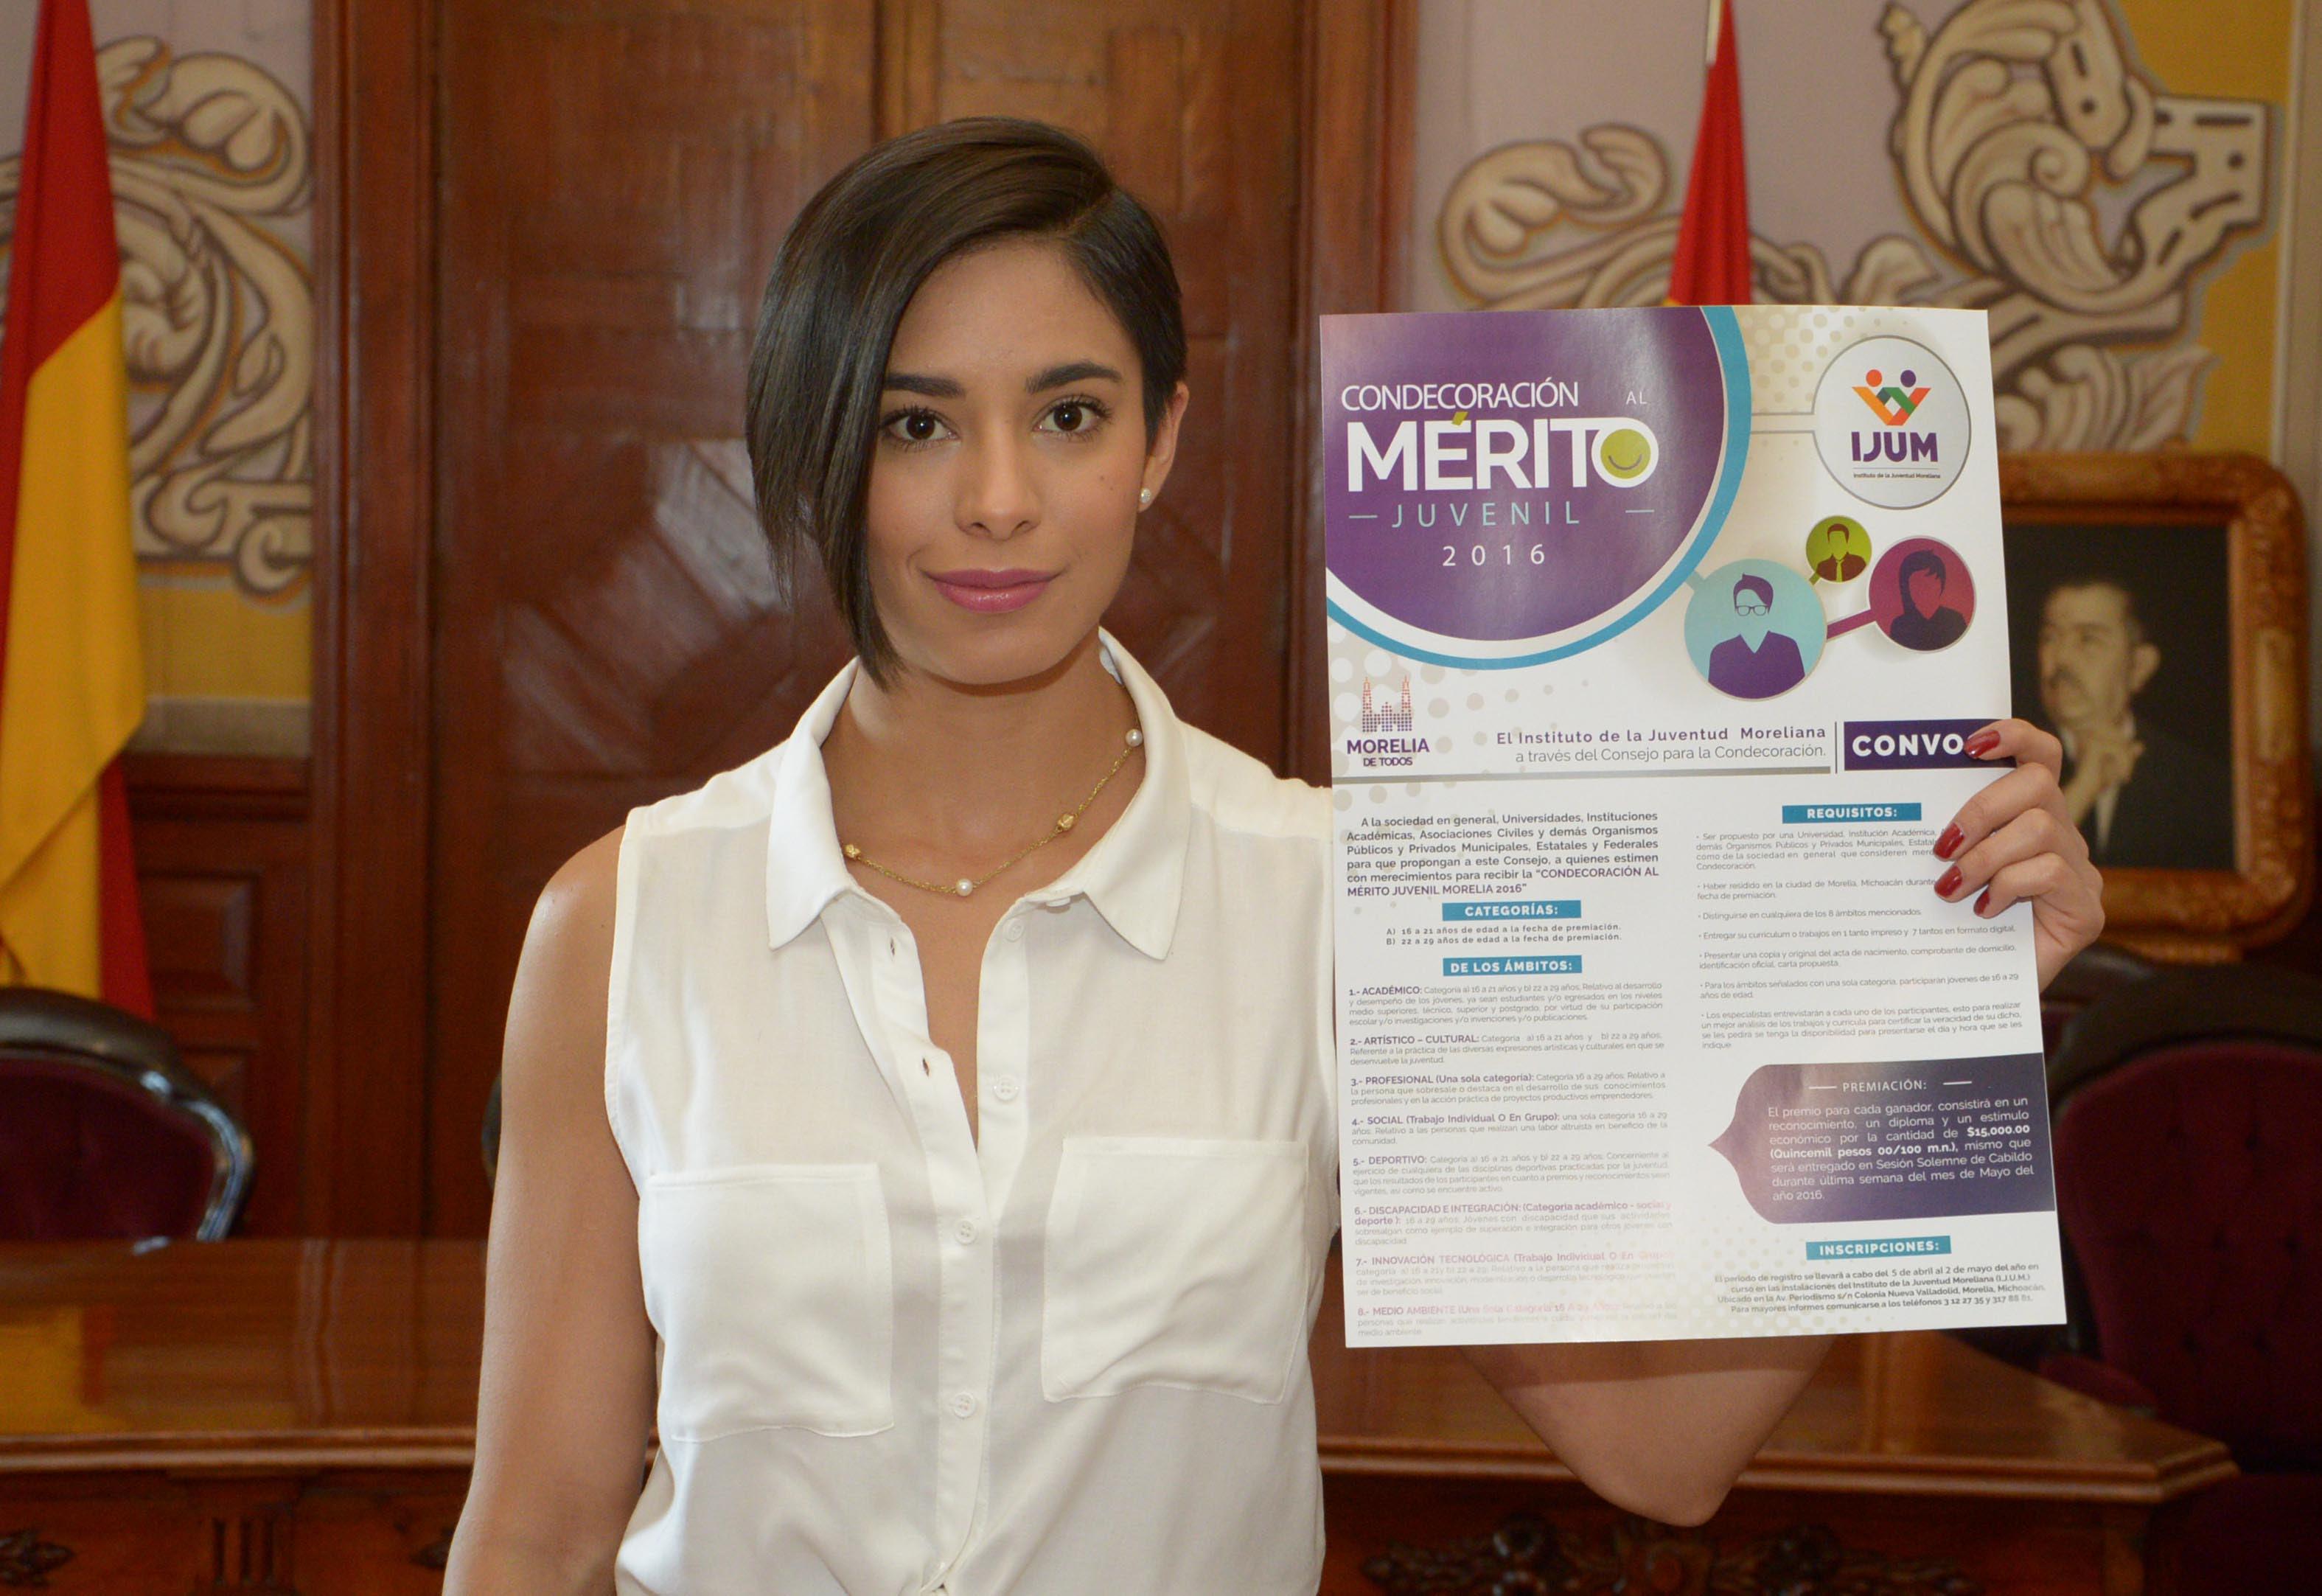 La directora del IJUM, Ana Cristina Prado, dijo que para el alcalde de Morelia, Alfonso Martínez, es de suma importancia reconocer y apoyar el desarrollo de todos aquellos jóvenes que realizan un esfuerzo diario